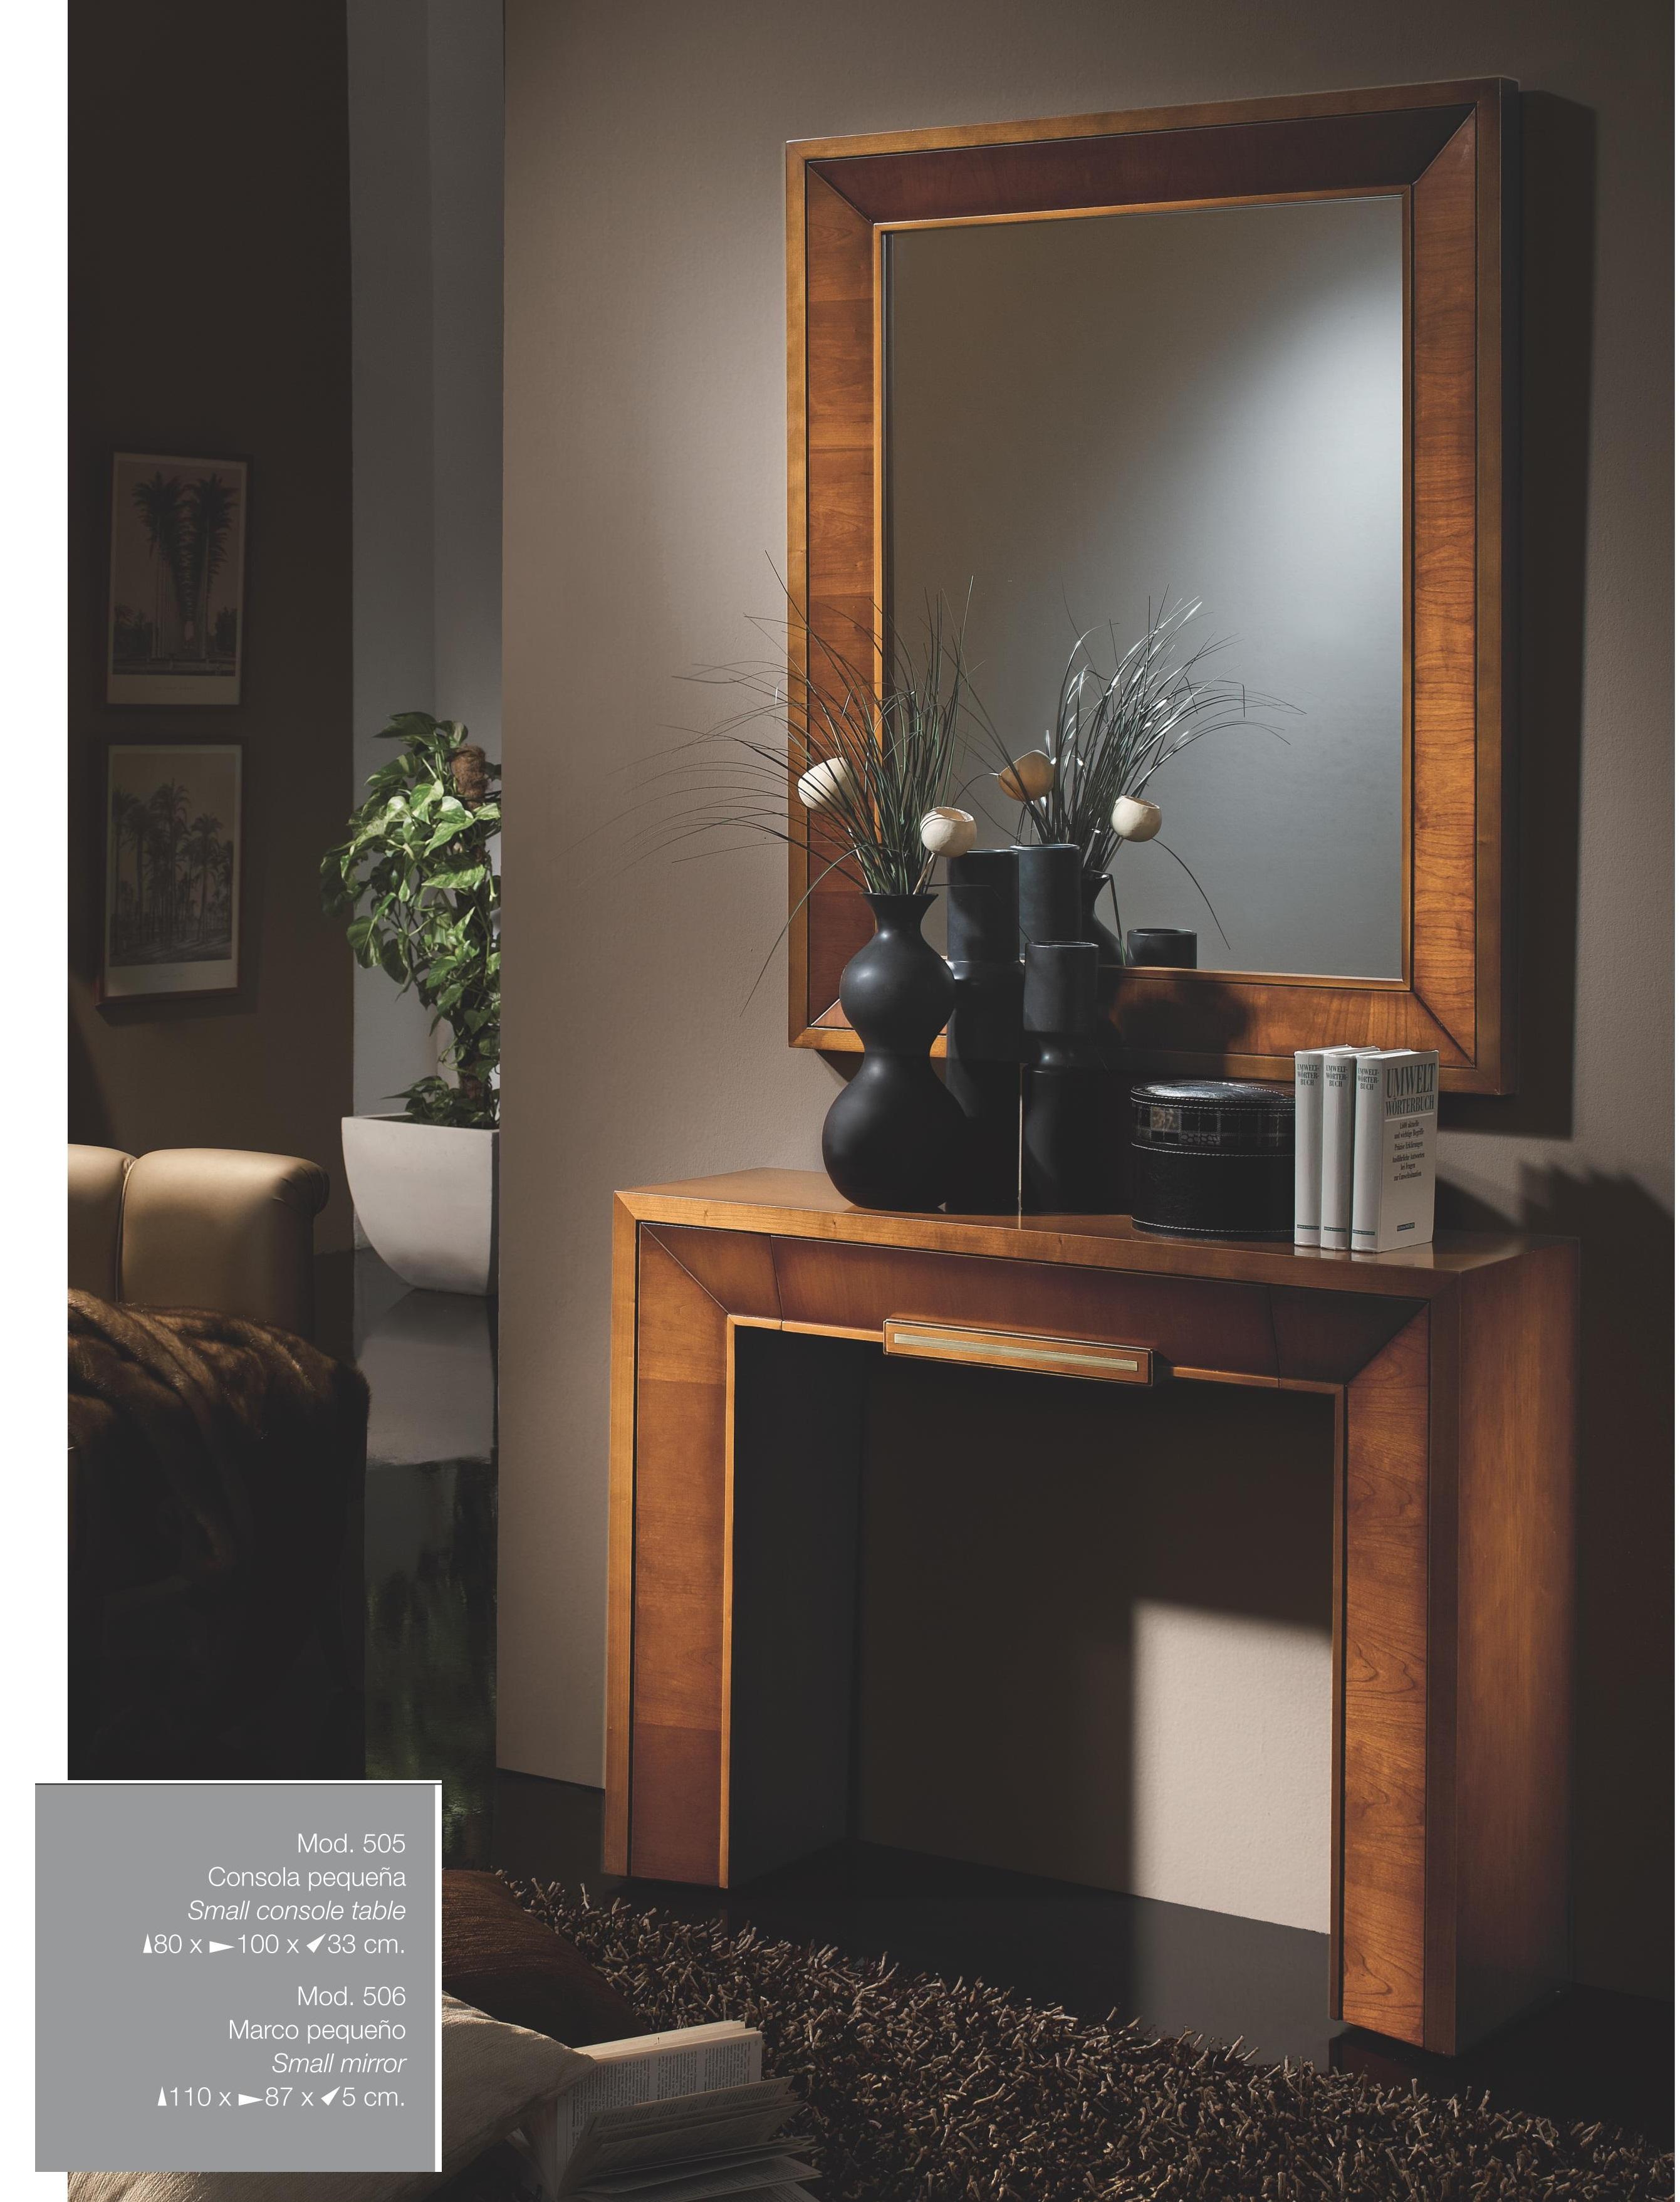 Mueble recibidor buro clasico moderno lacado muebles valencia for Muebles valencia